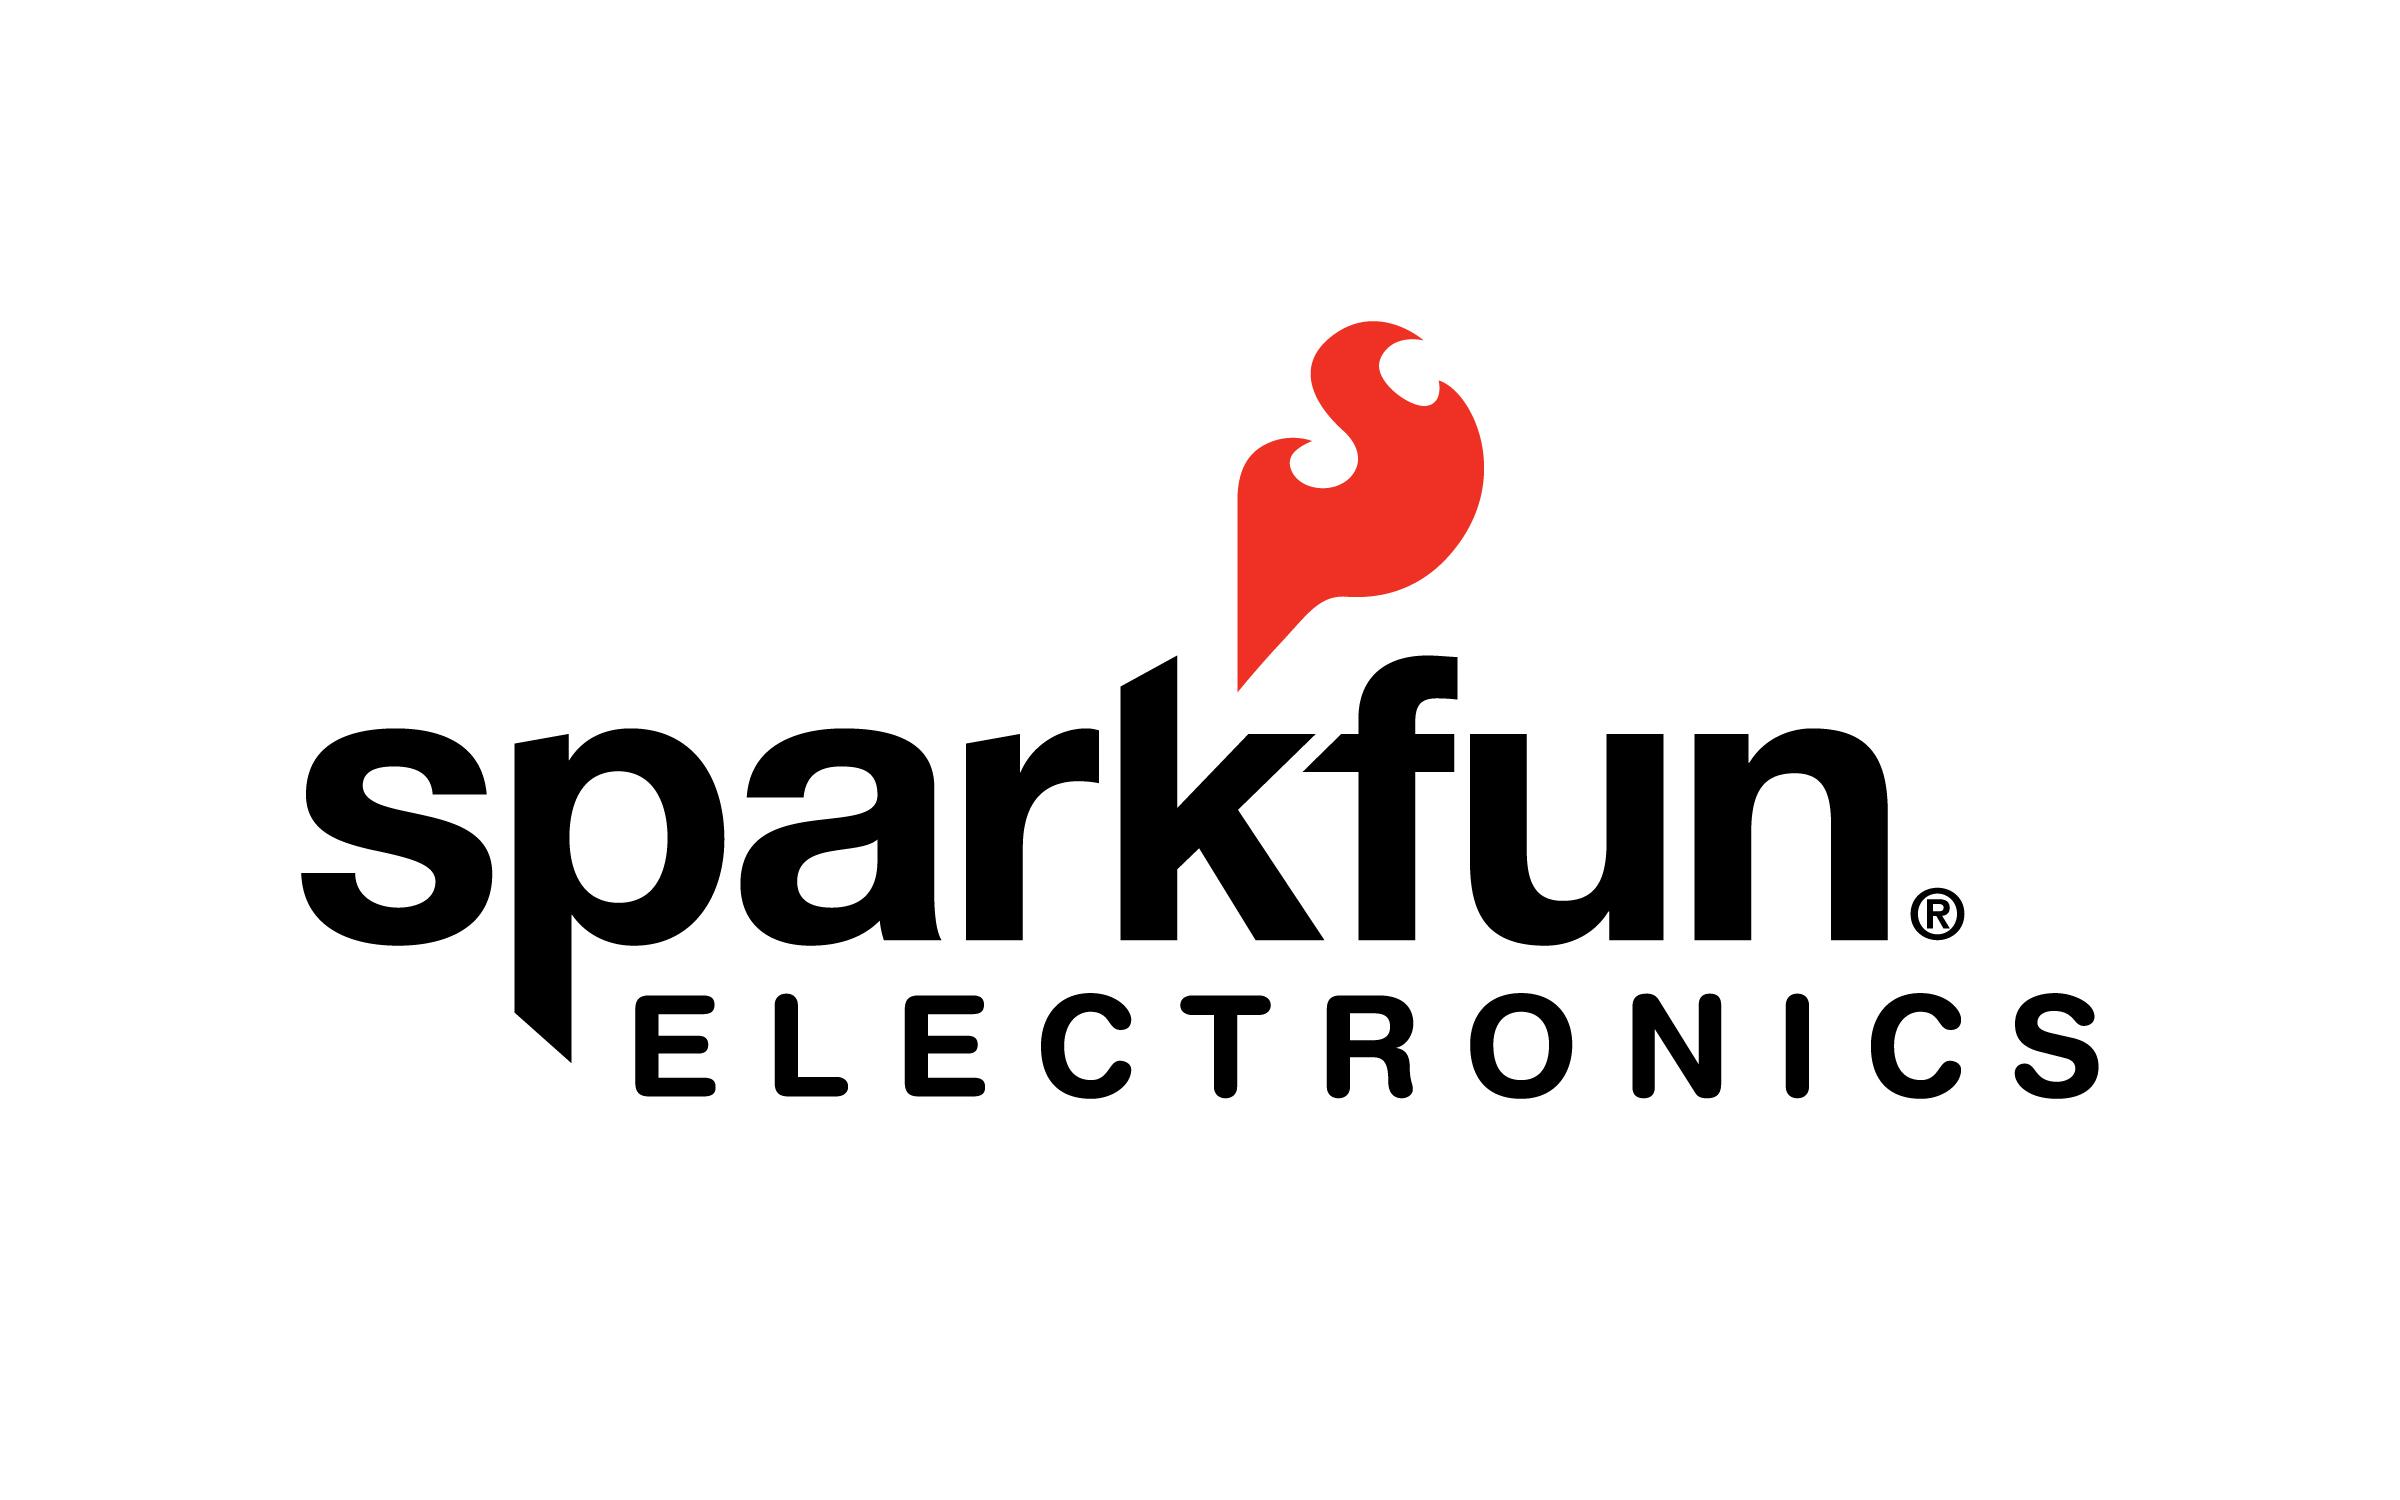 Black text with white background sparkfun logo